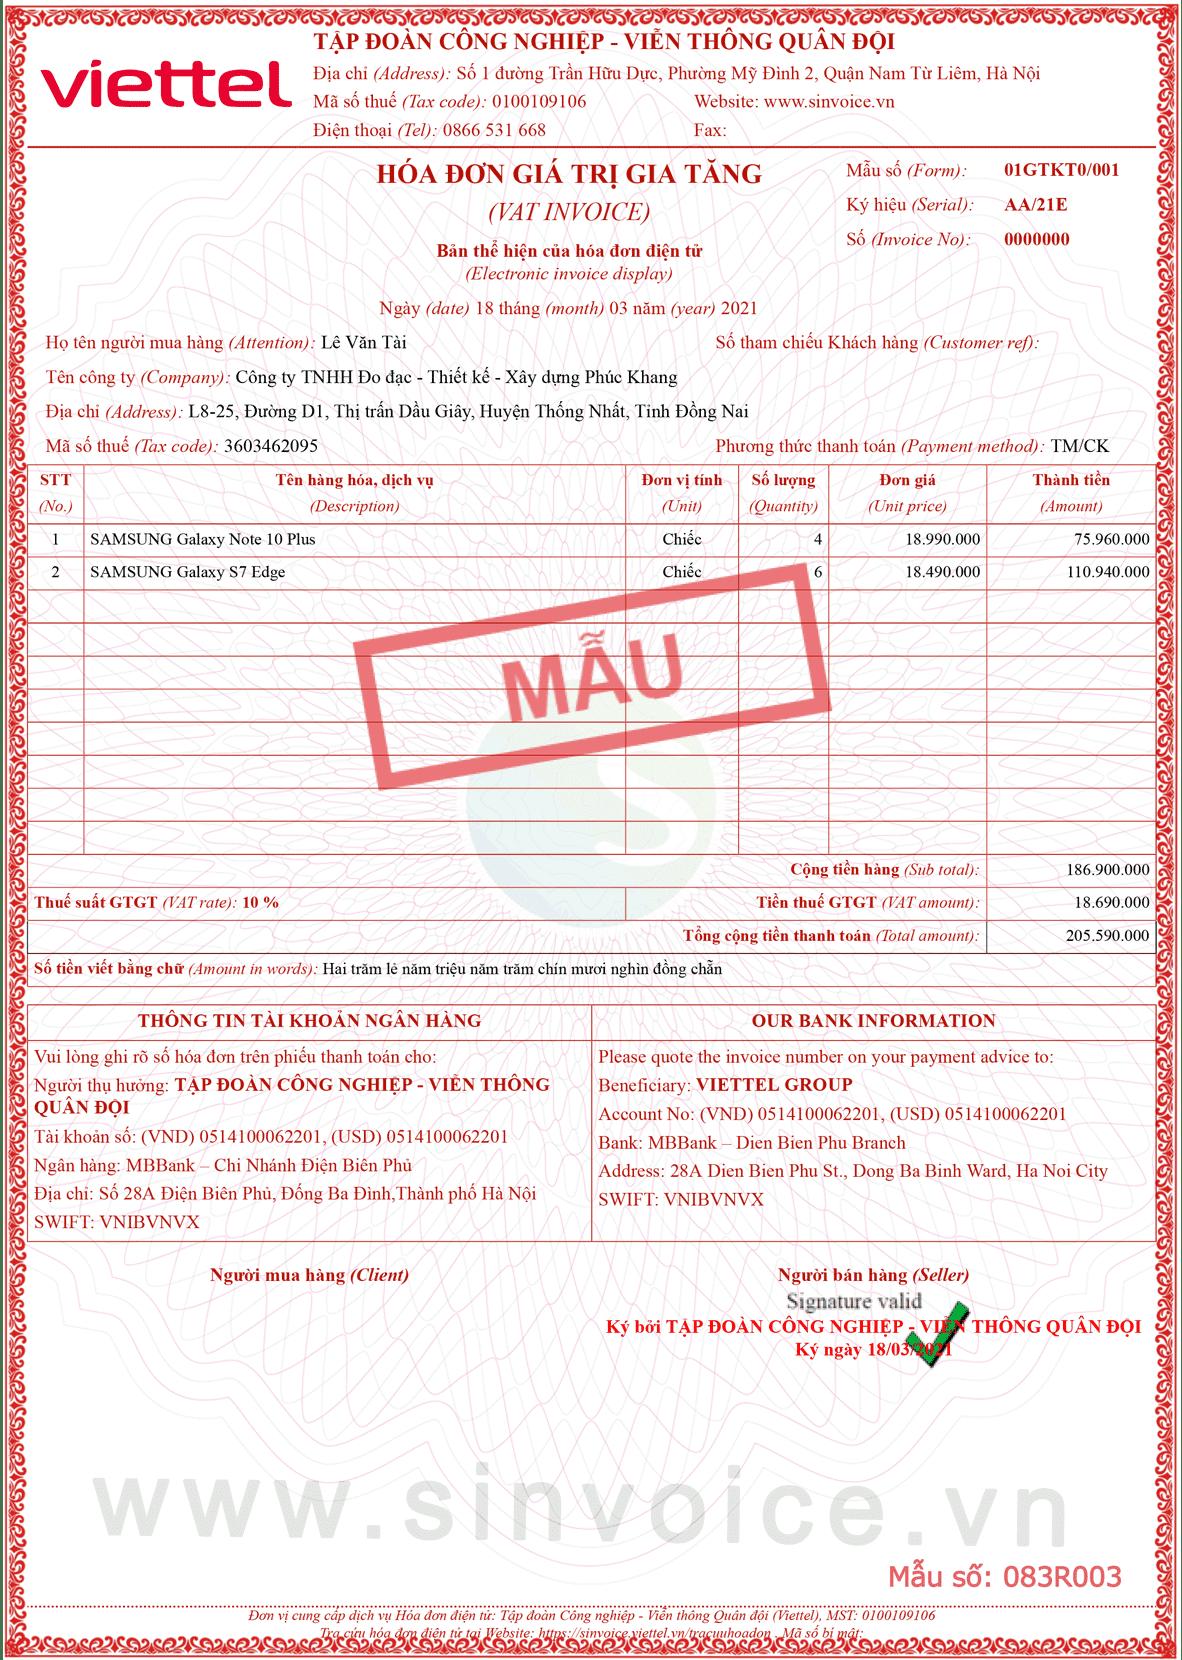 Mẫu hóa đơn điện tử số 083R003